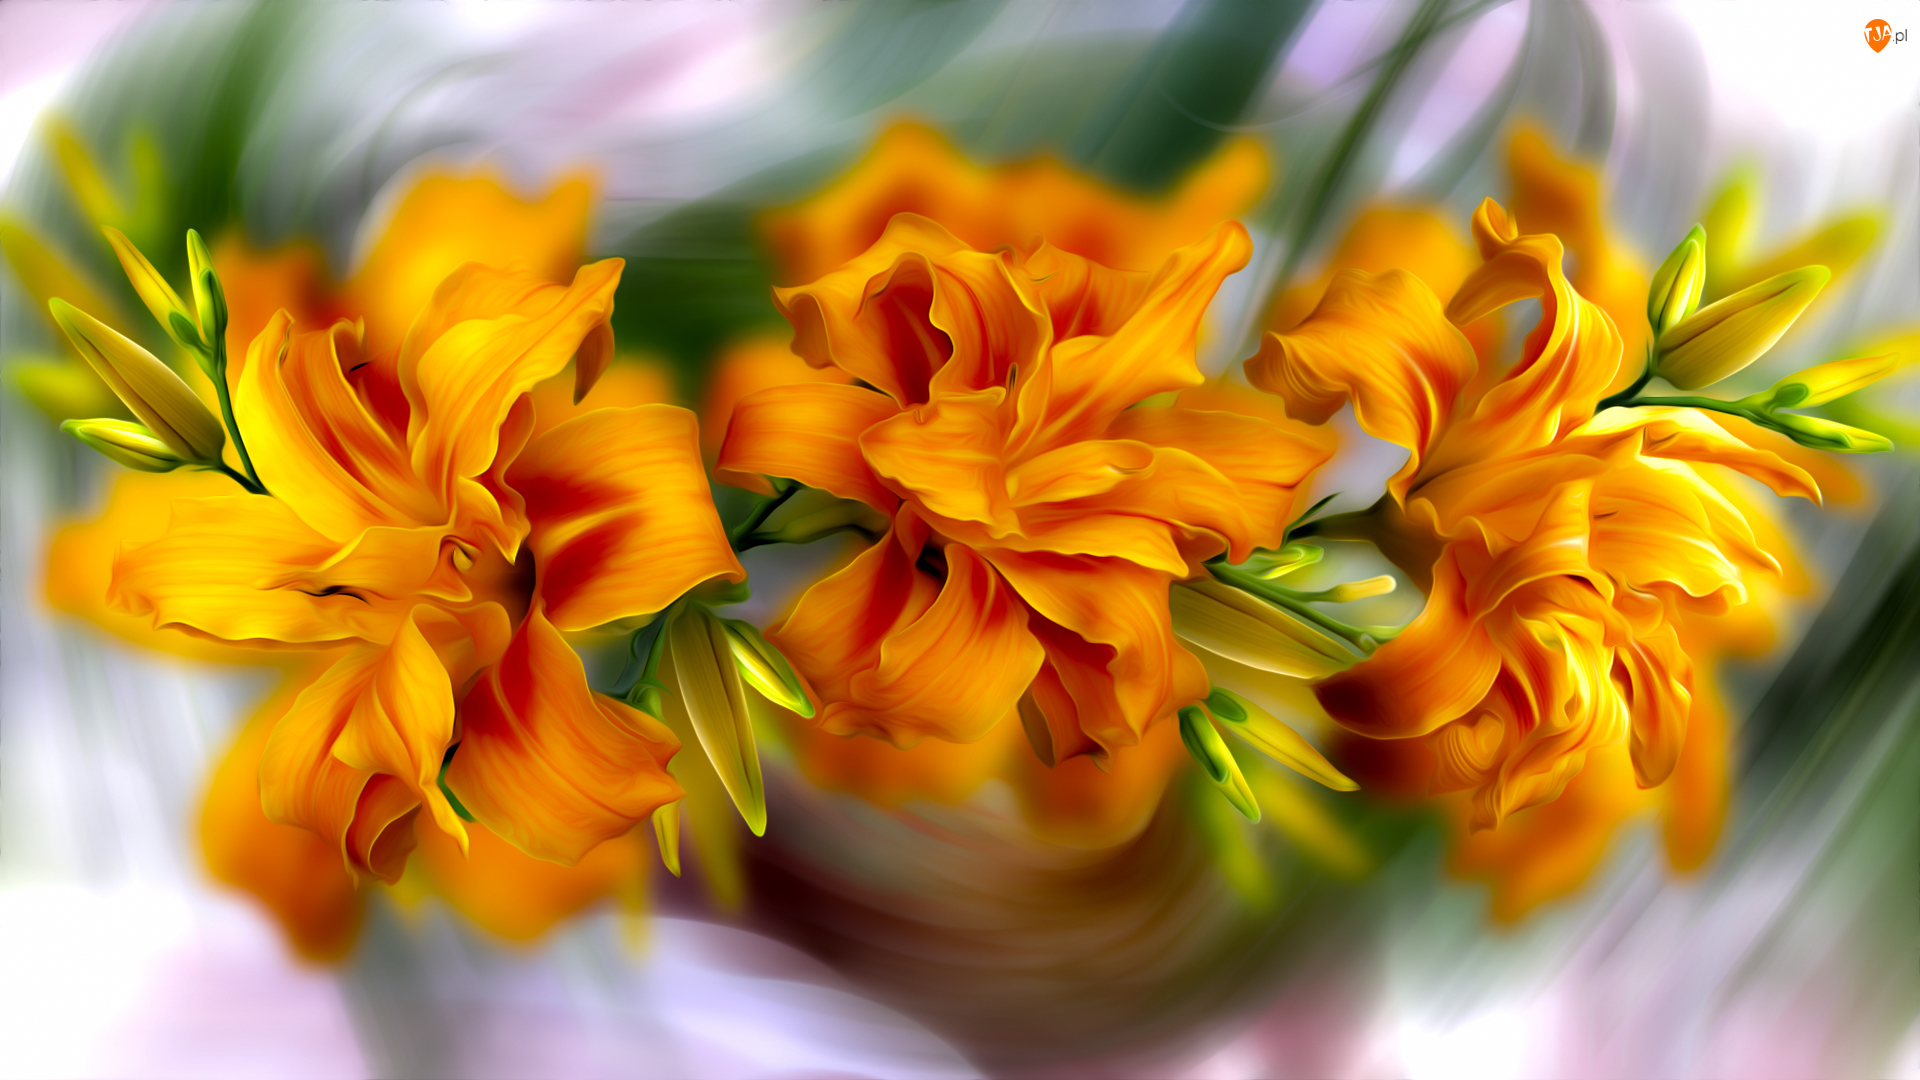 Grafika, Kwiaty, Pomarańczowe, Lilie